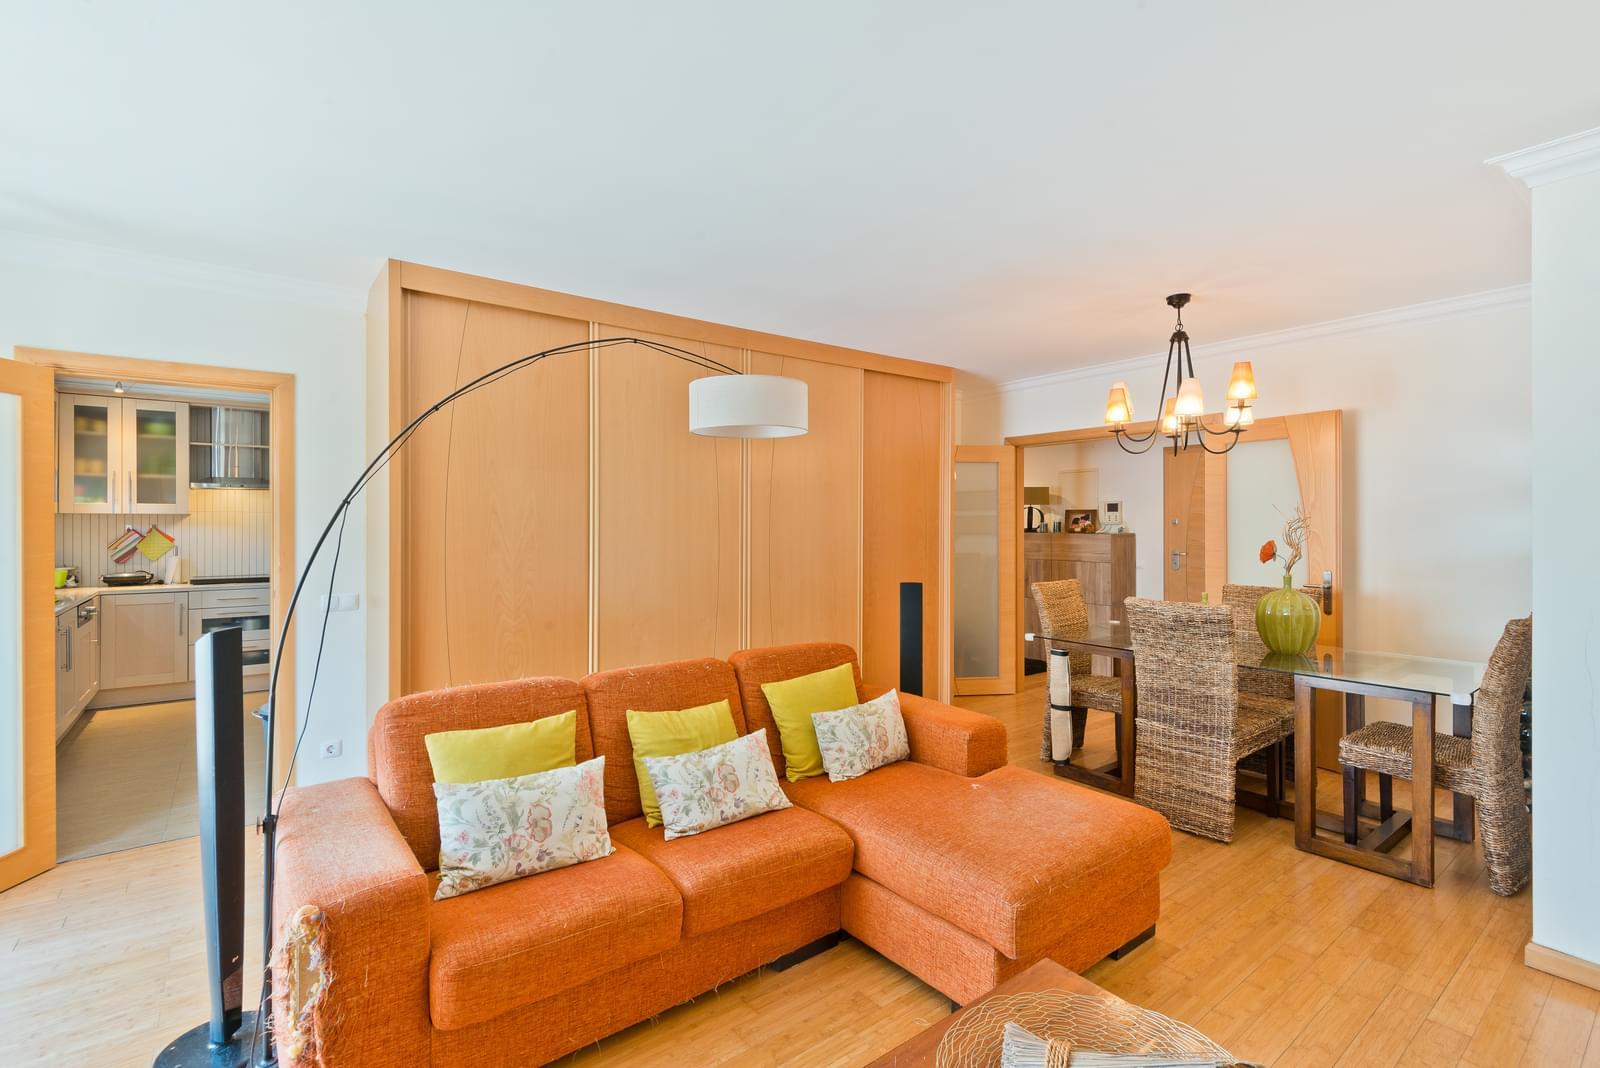 pf17498-apartamento-t2-cascais-9e6d1e31-e361-436c-8faf-e2499cec1634